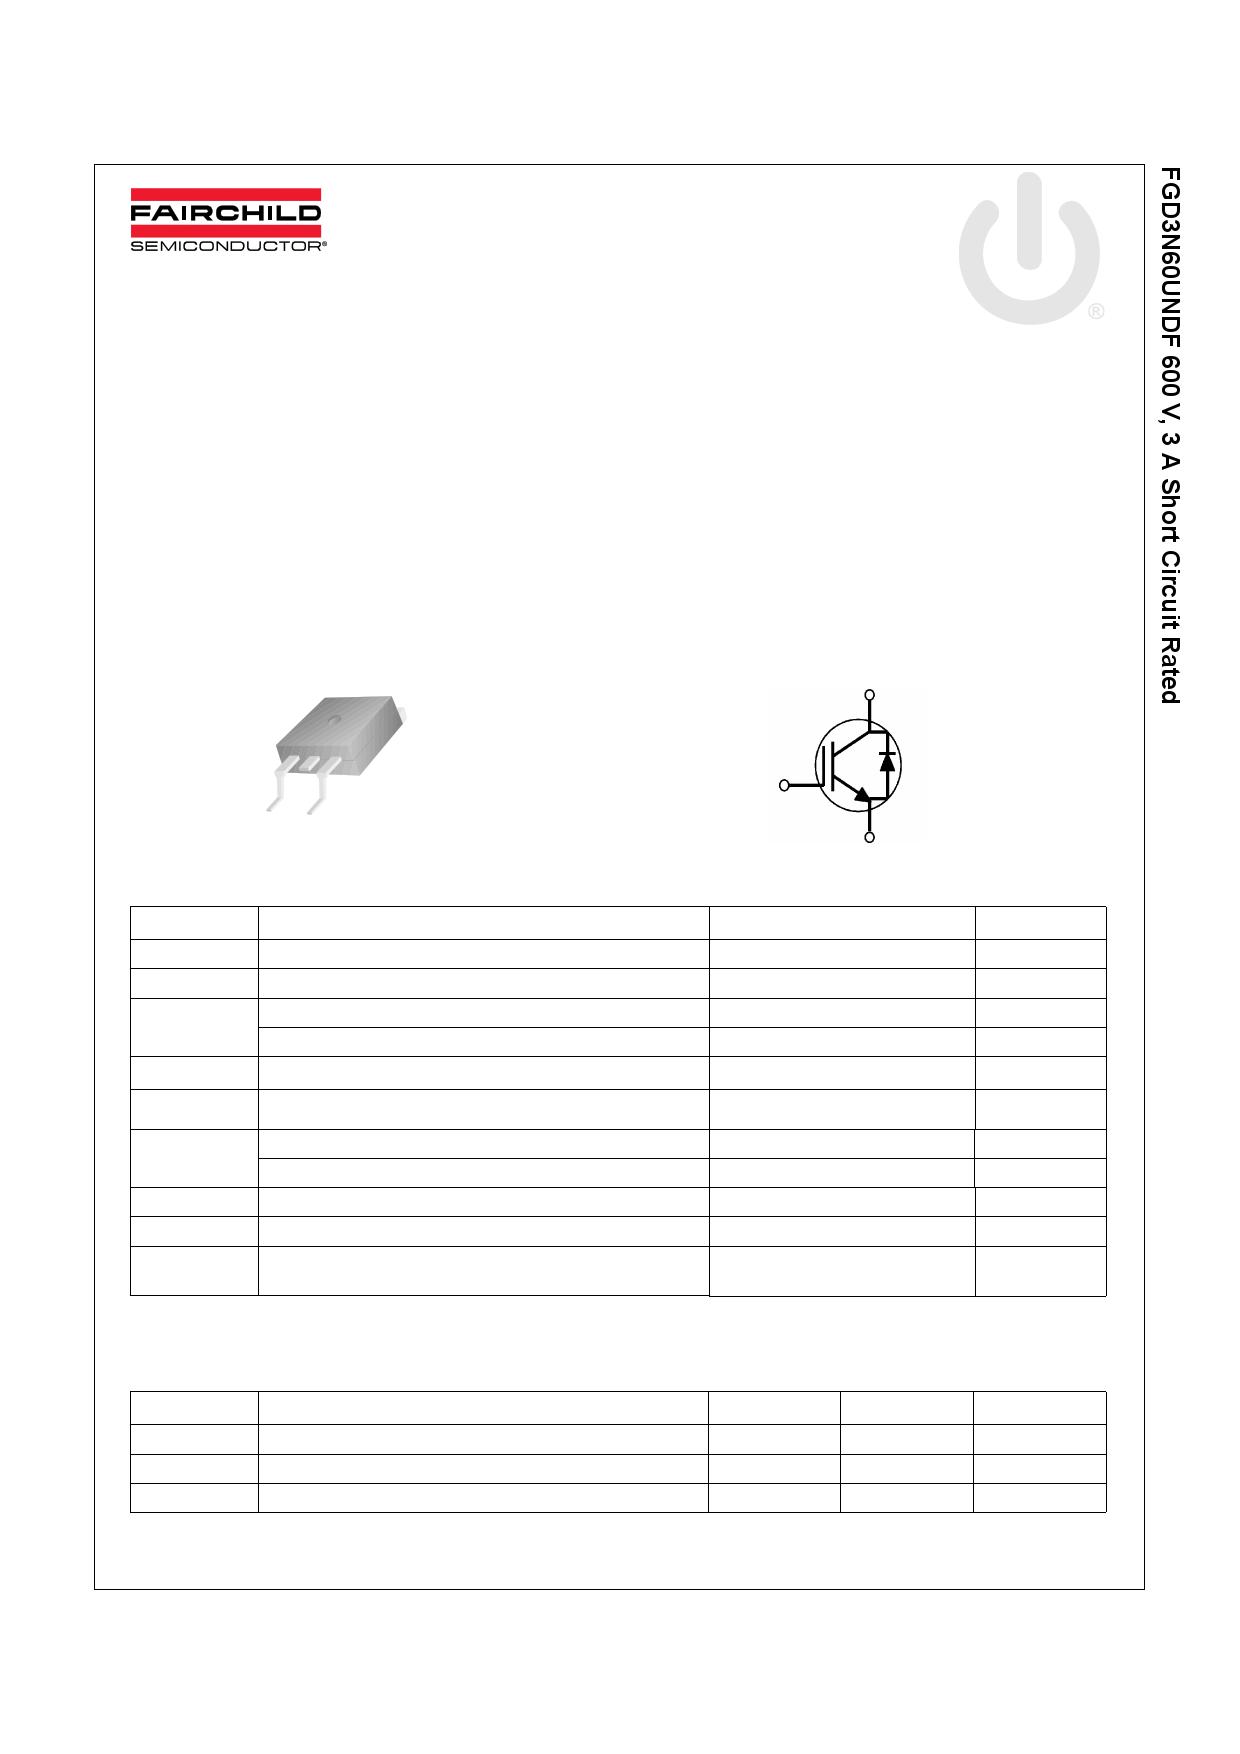 FGD3N60UNDF 데이터시트 및 FGD3N60UNDF PDF